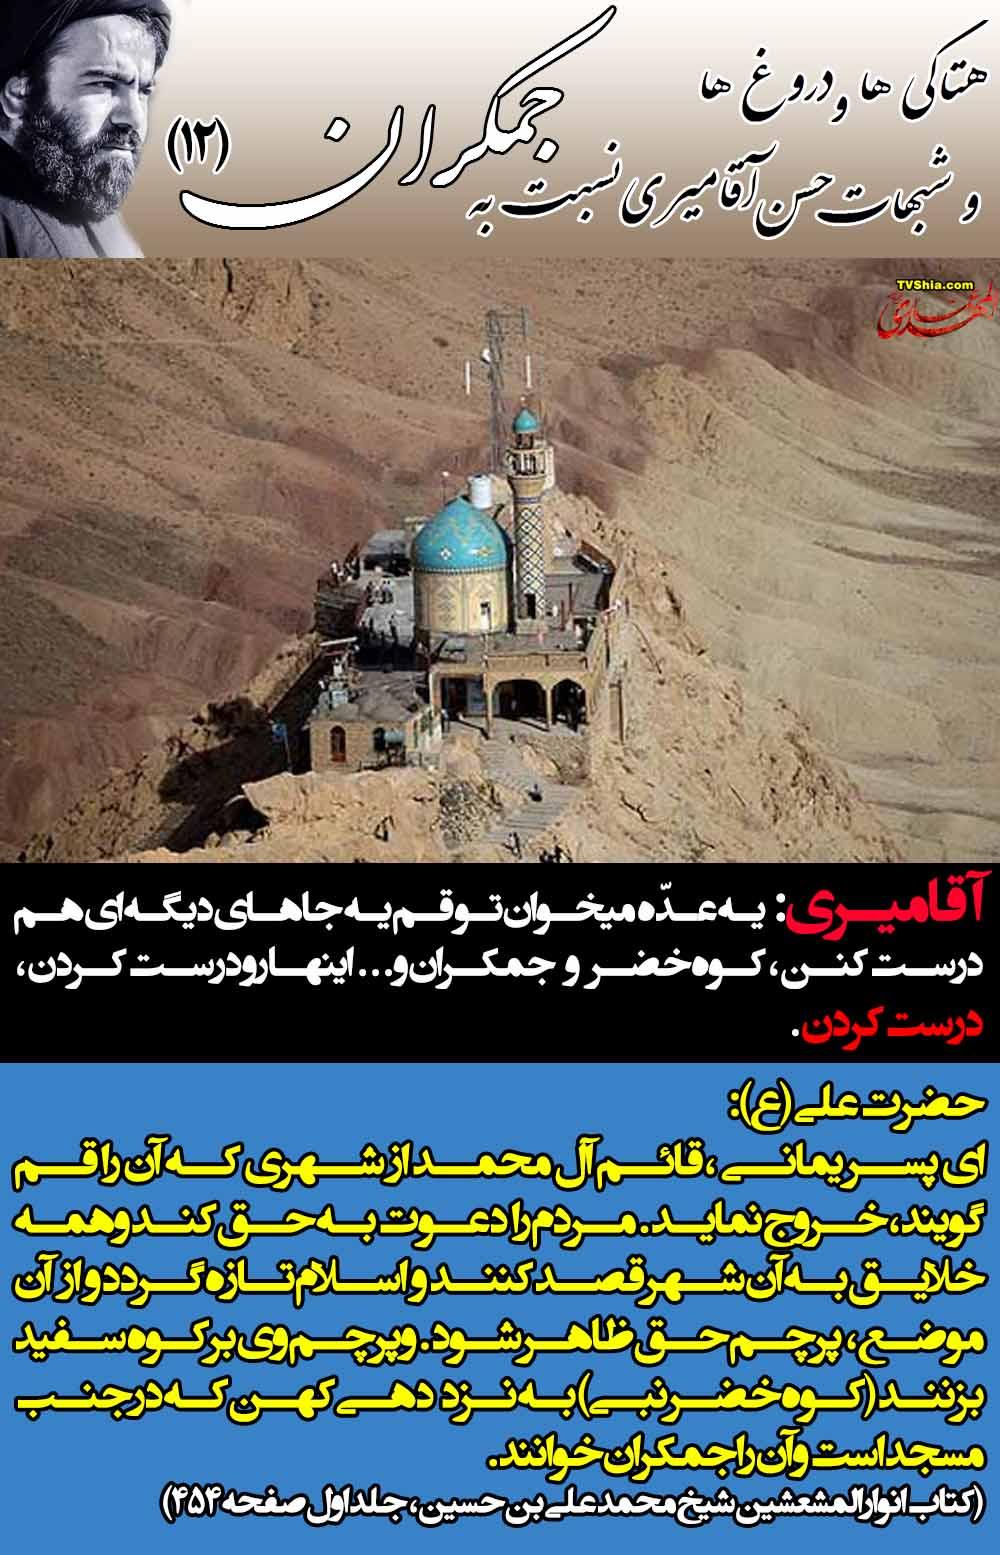 دوازده جواب در دفاع از مسجد دوازدهمین اختر/ پوسترهای دفاعیه در مقابل شبهات آقامیری به جمکران